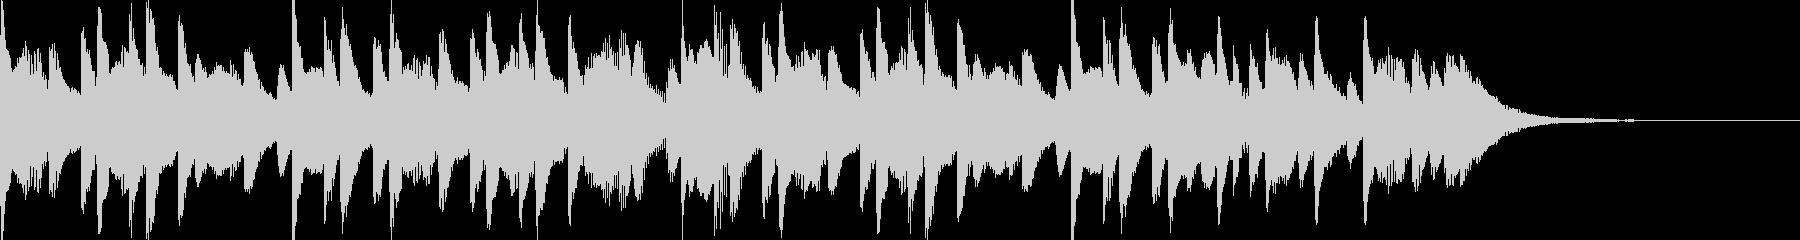 ほのぼのとしたマリンバのジングルの未再生の波形